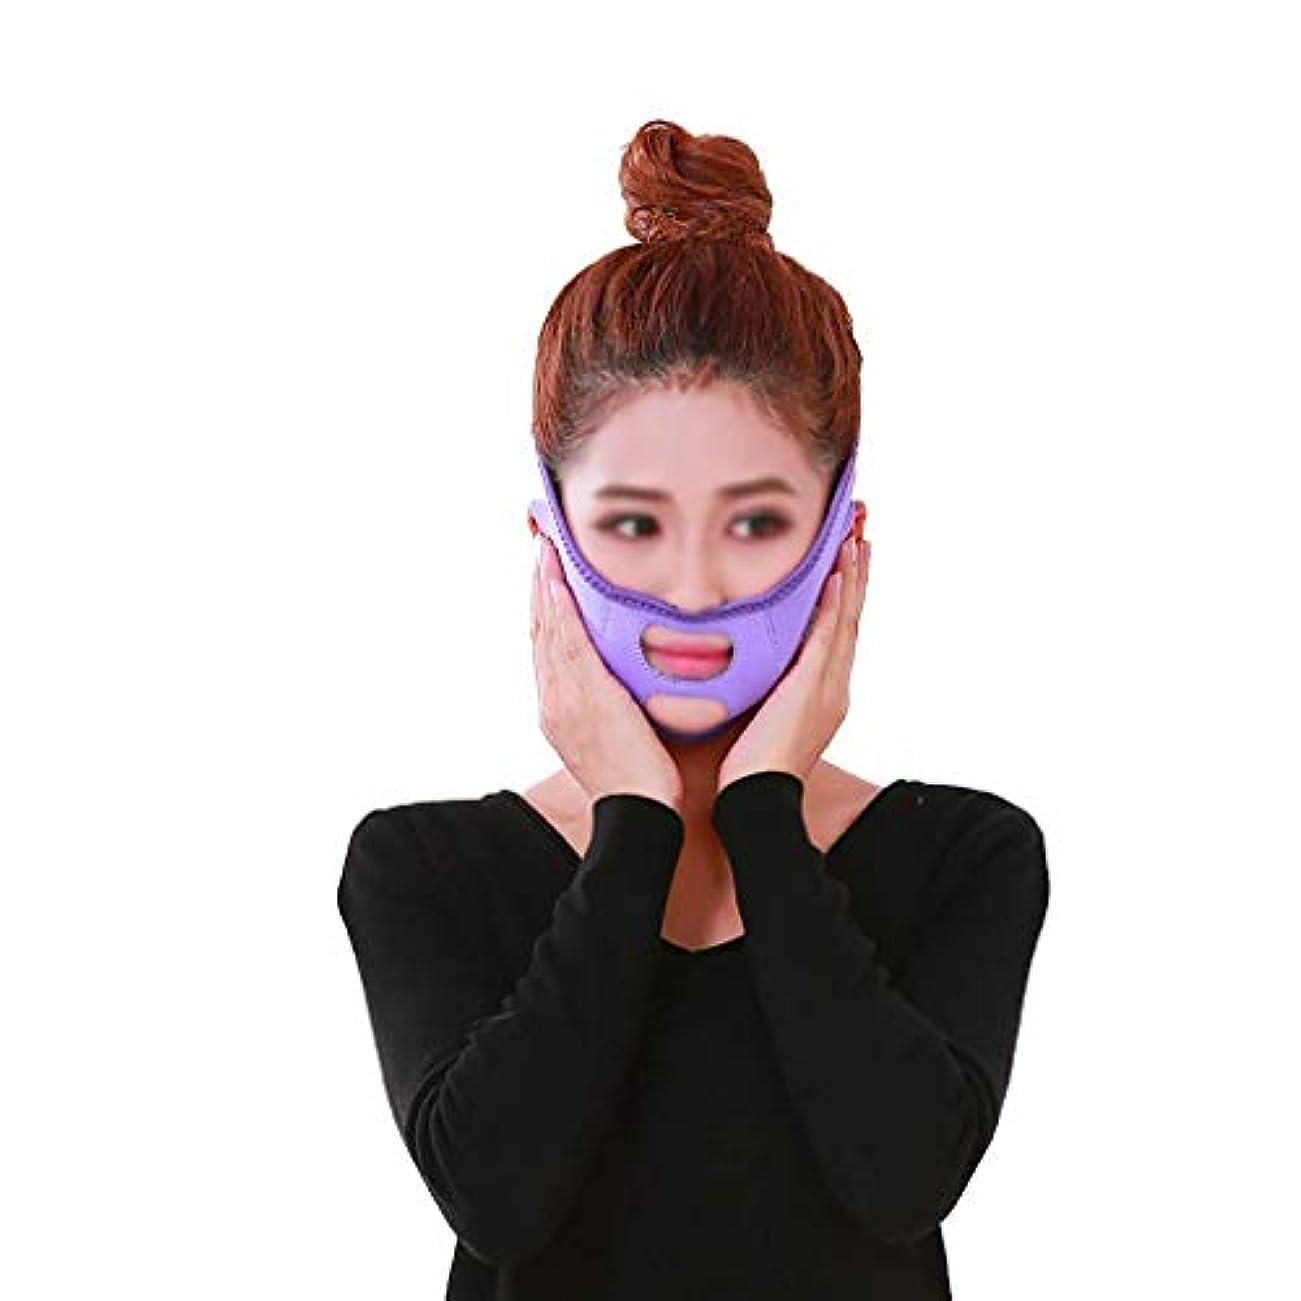 半導体投げる責任フェイスリフトフェイシャル、肌のリラクゼーションを防ぐタイトなVフェイスマスクVフェイスアーティファクトフェイスリフトバンデージフェイスケア(色:紫)